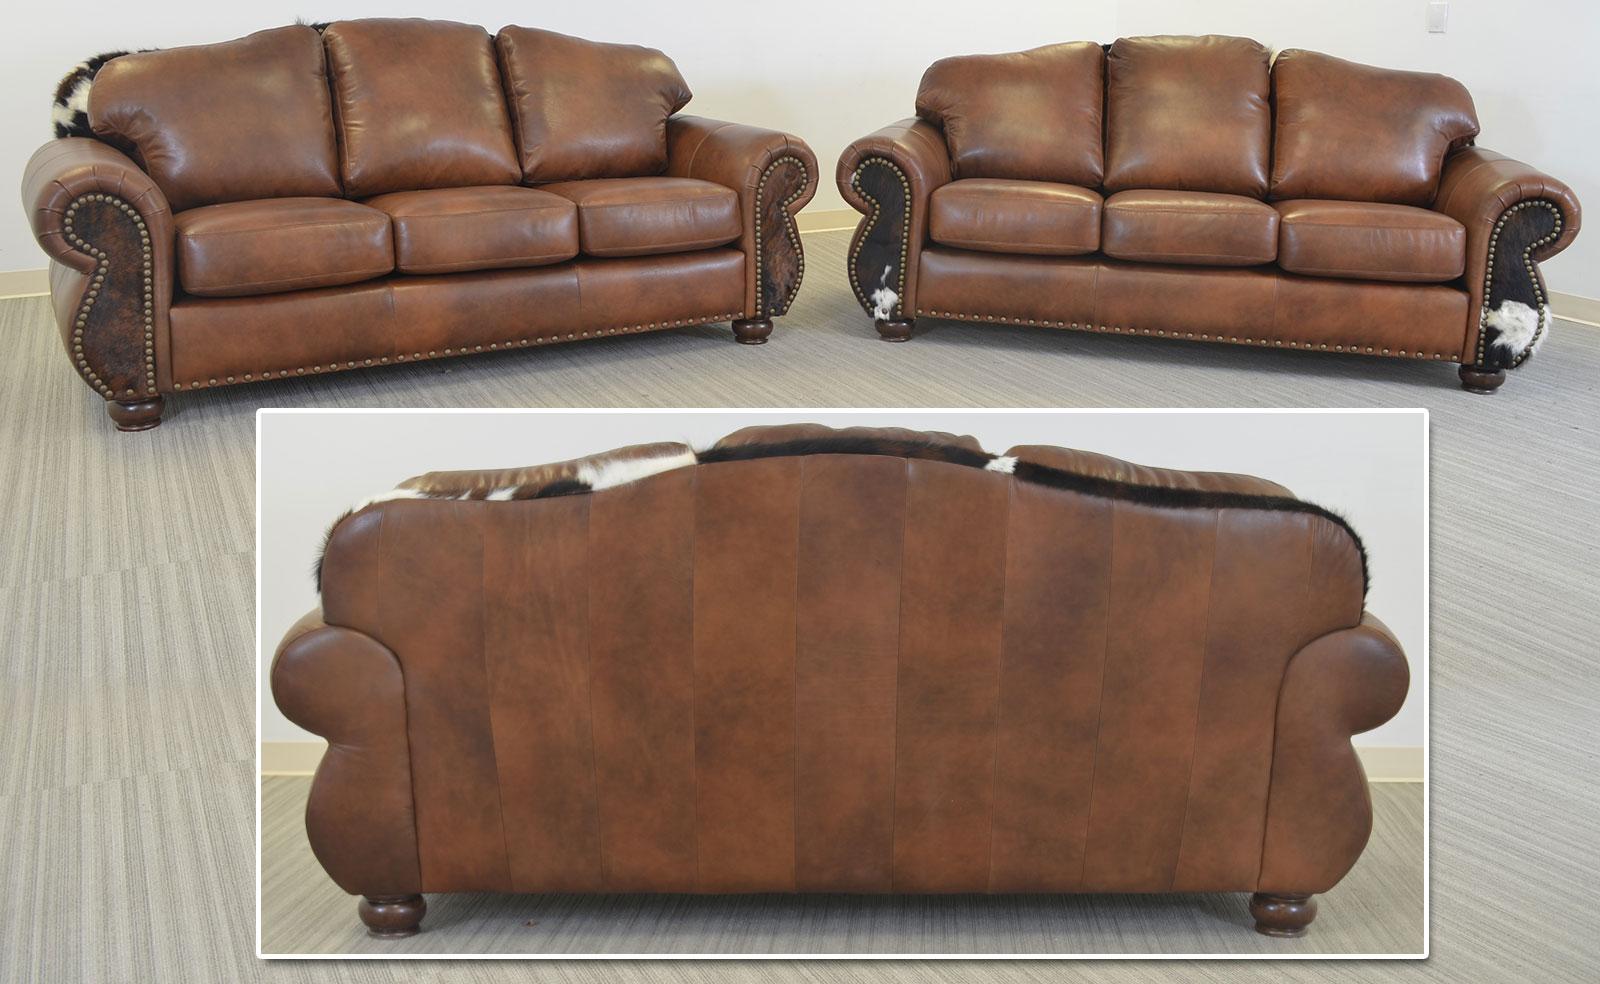 Remington Sofa The Leather Sofa Company